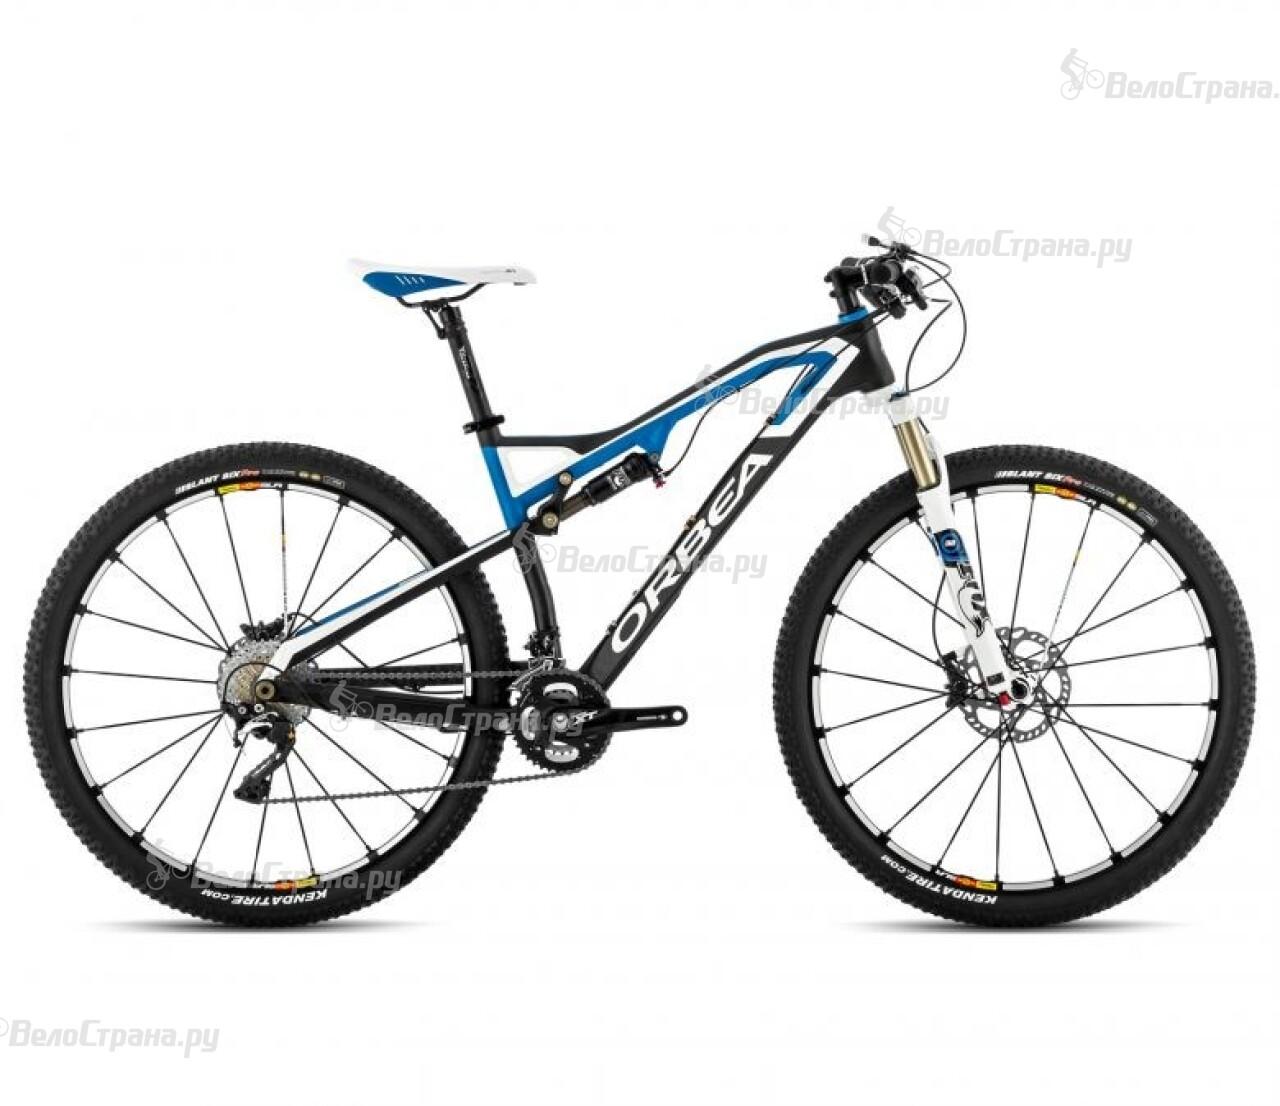 Велосипед Orbea Occam 29 M30 (2014) велосипед orbea occam m10 2014